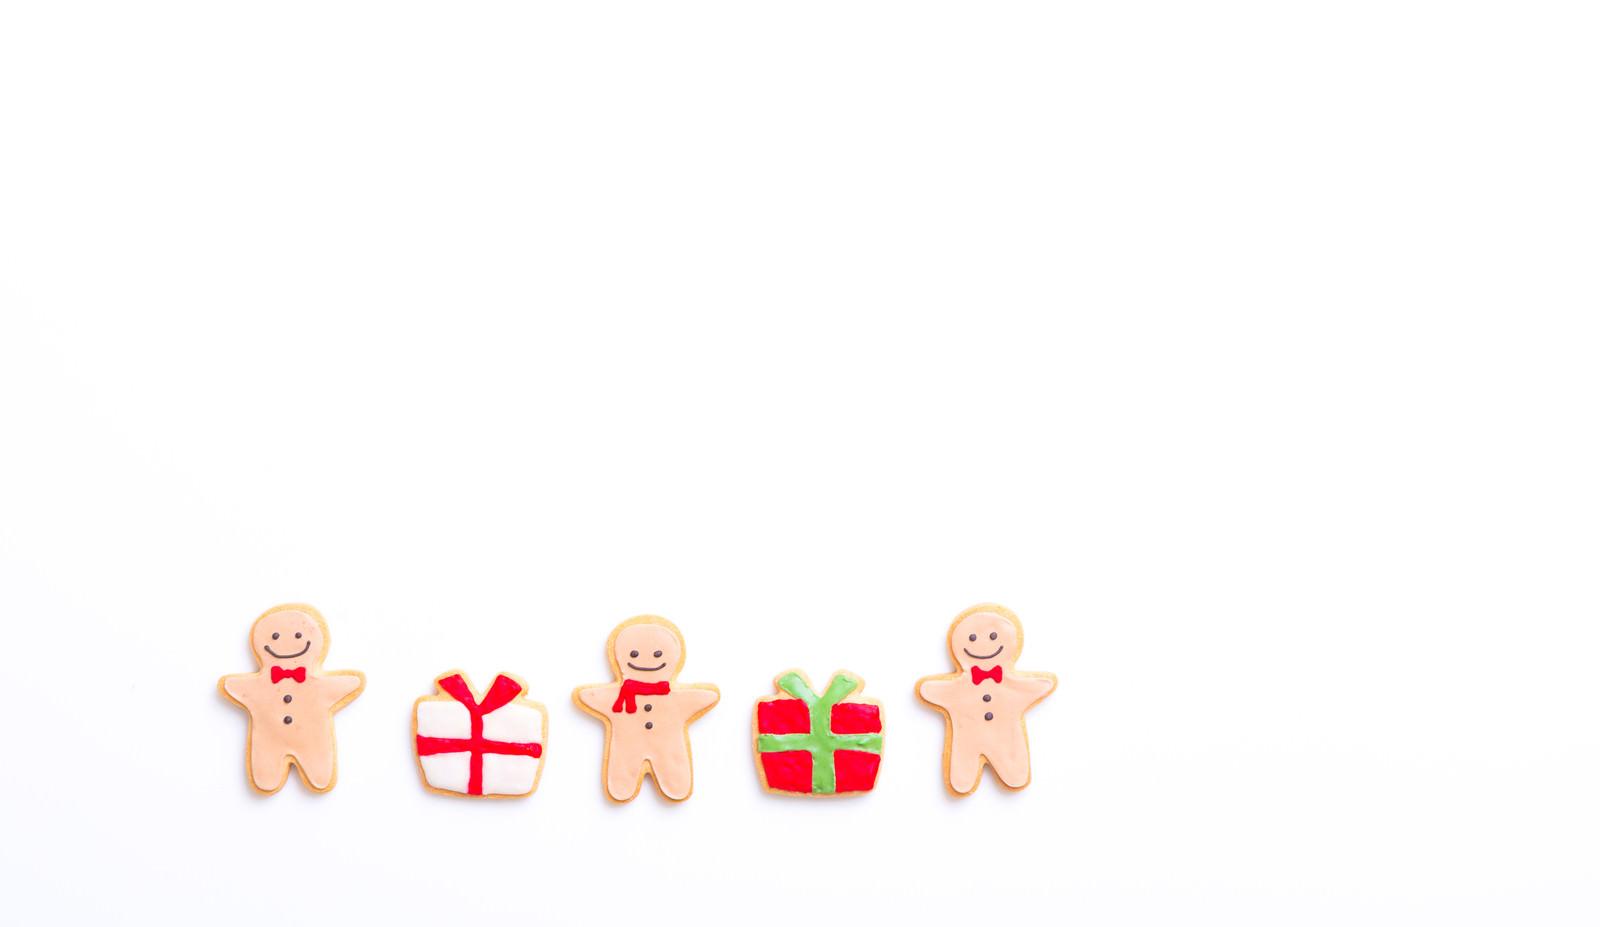 「少人数でプレゼント交換(アイシングクッキー)」の写真